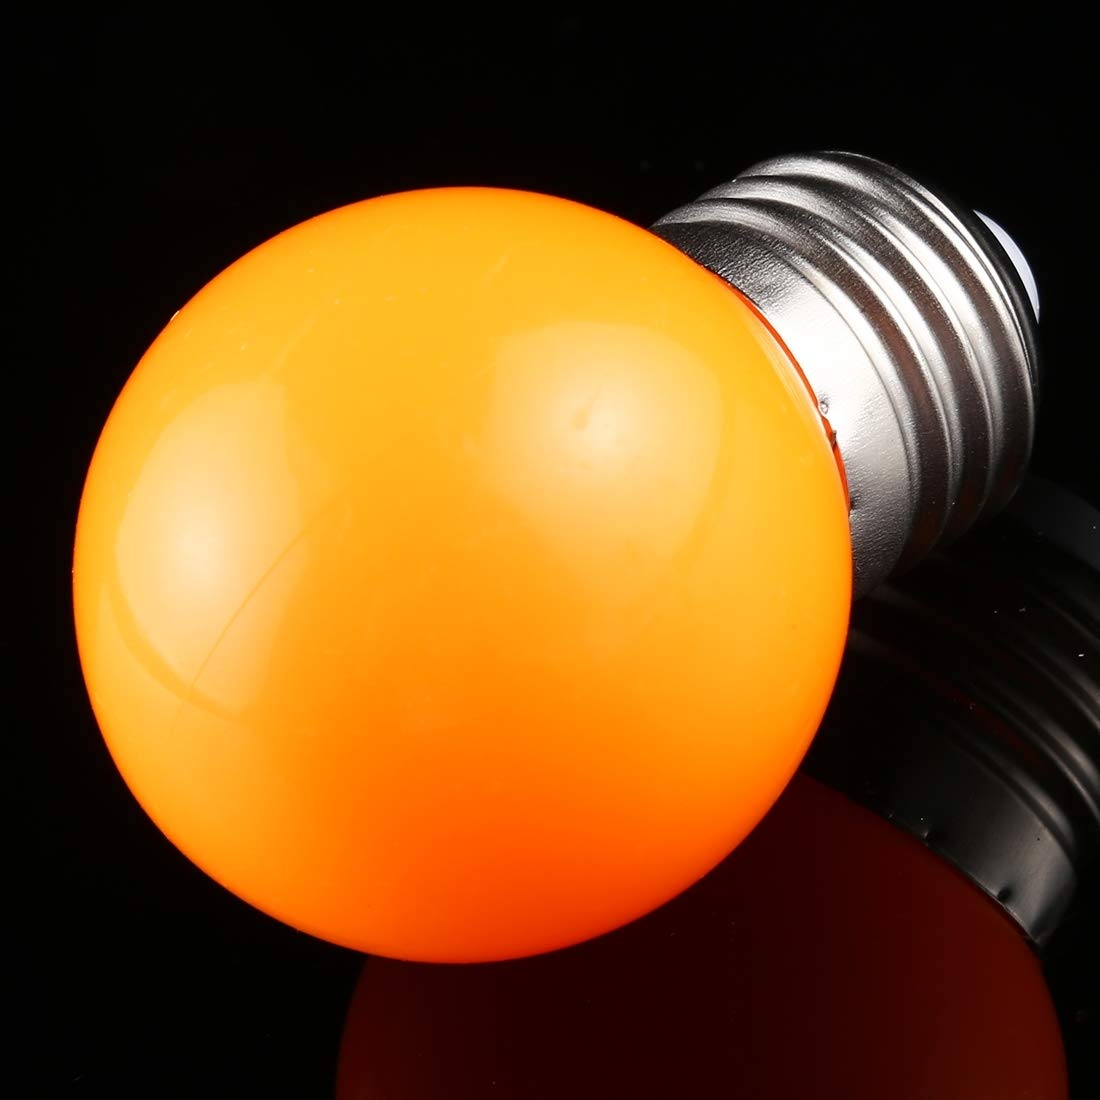 AC 110V 10 PCS 2W E27 2835 SMD Home Decoration LED Light Bulbs Color : Warm White Lights Bulbs